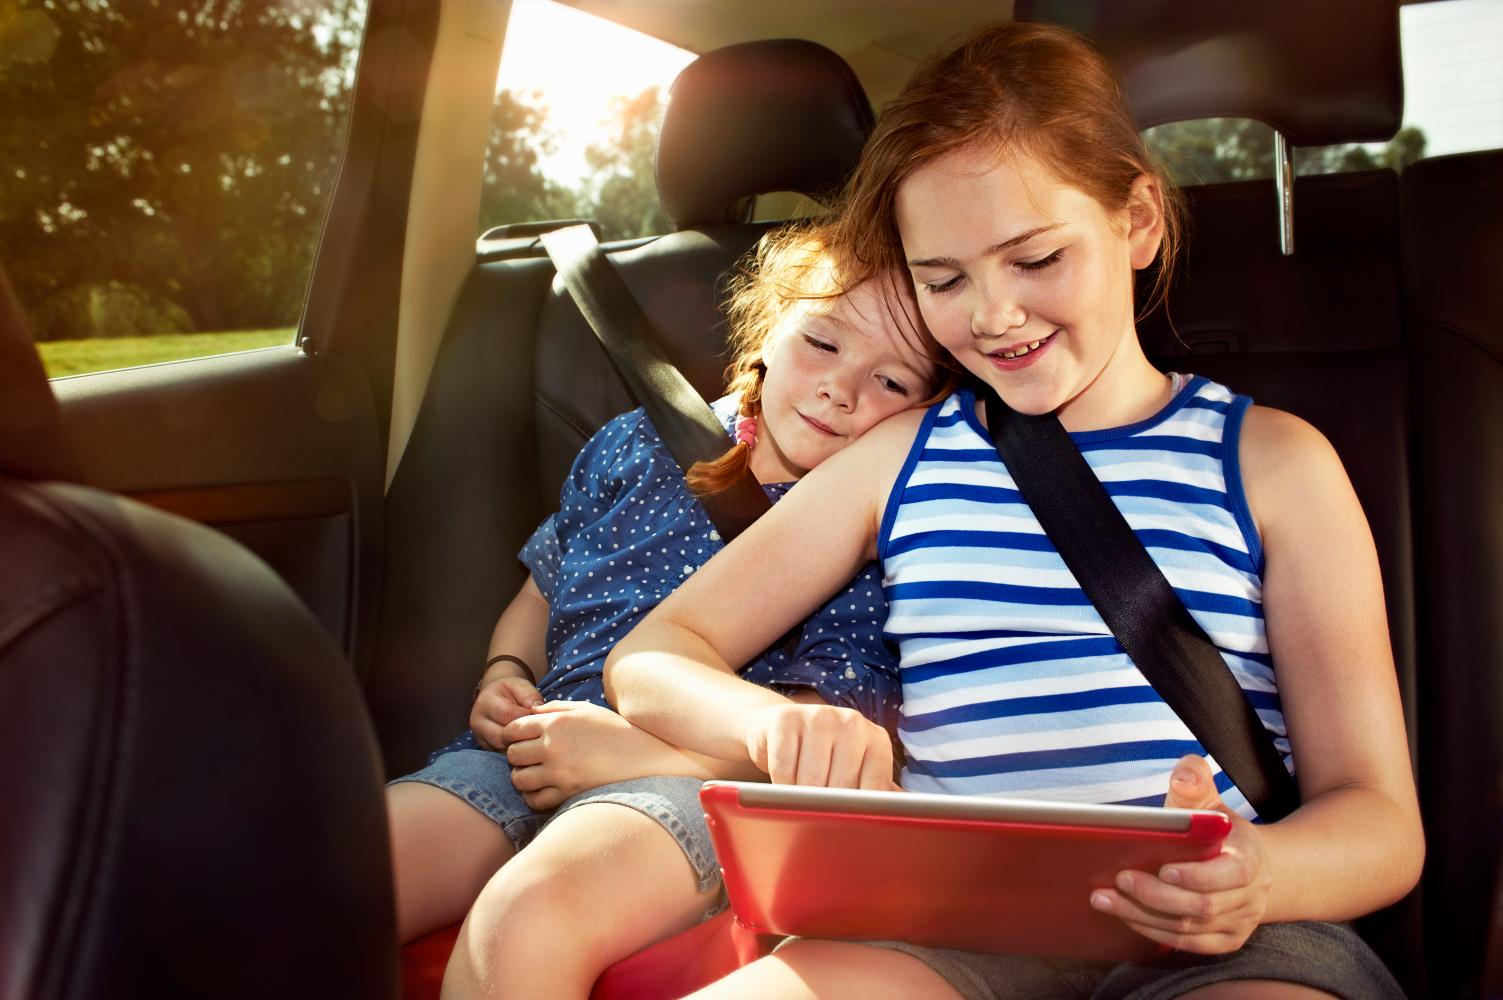 kicsik-a-kocsiban-igy-utazz-a-gyerekekkel